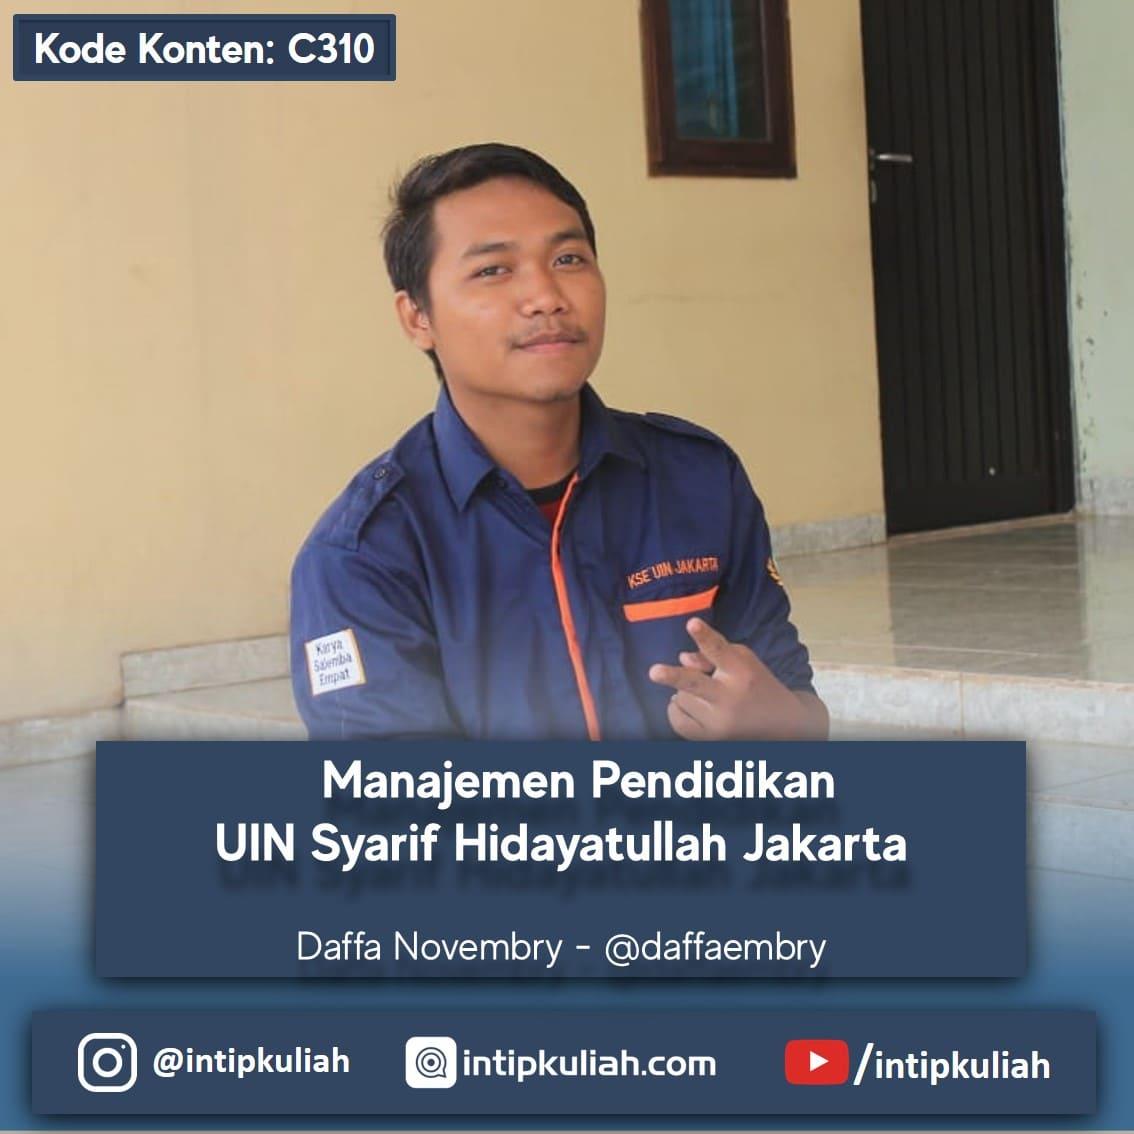 Manajemen Pendidikan UIN Syarif Hidayatullah (Daffa)